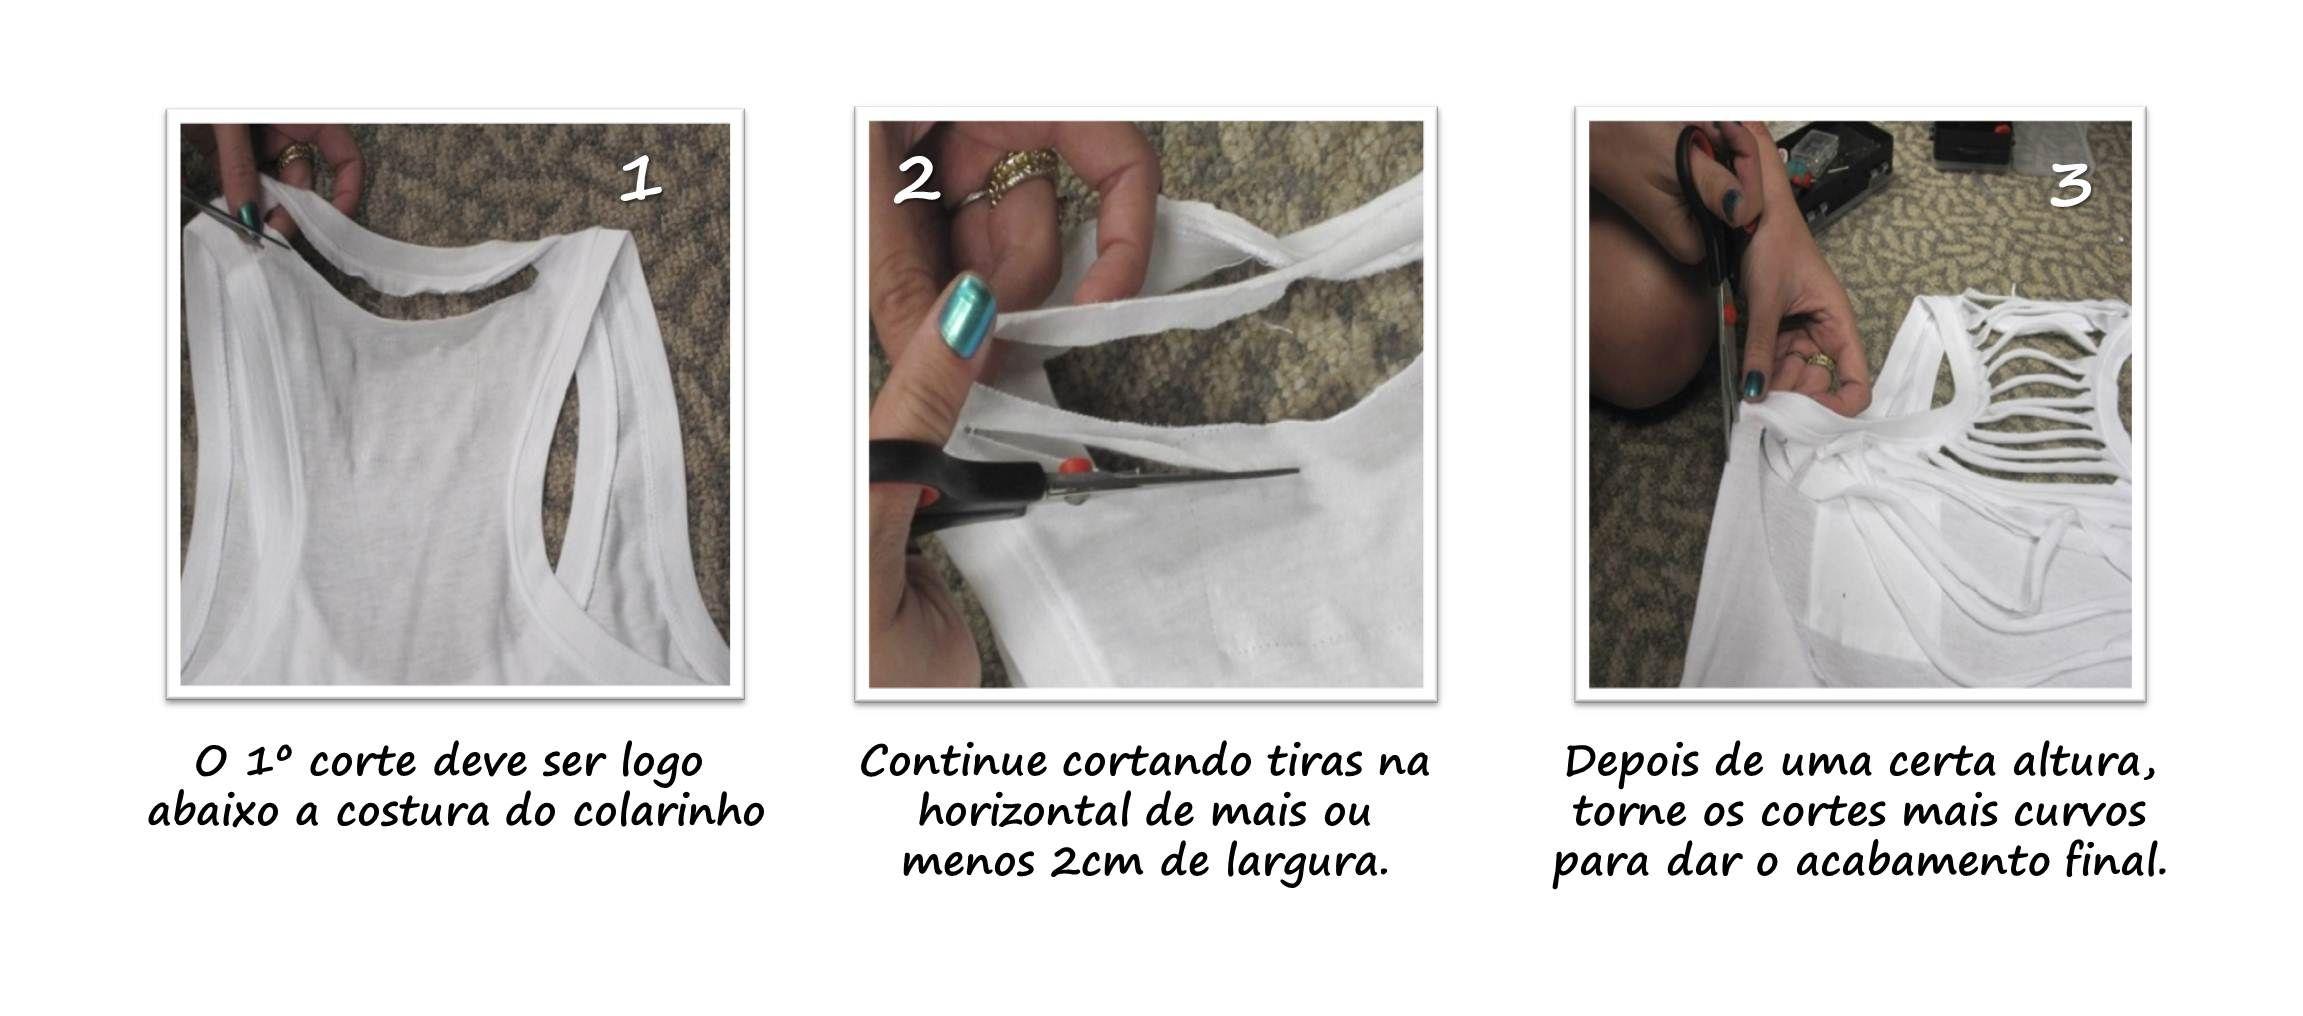 Dicas para decorar a t-shirt aposentada >> http://blog.sweetchilli.com.br/decore-a-t-shirt-aposentada/